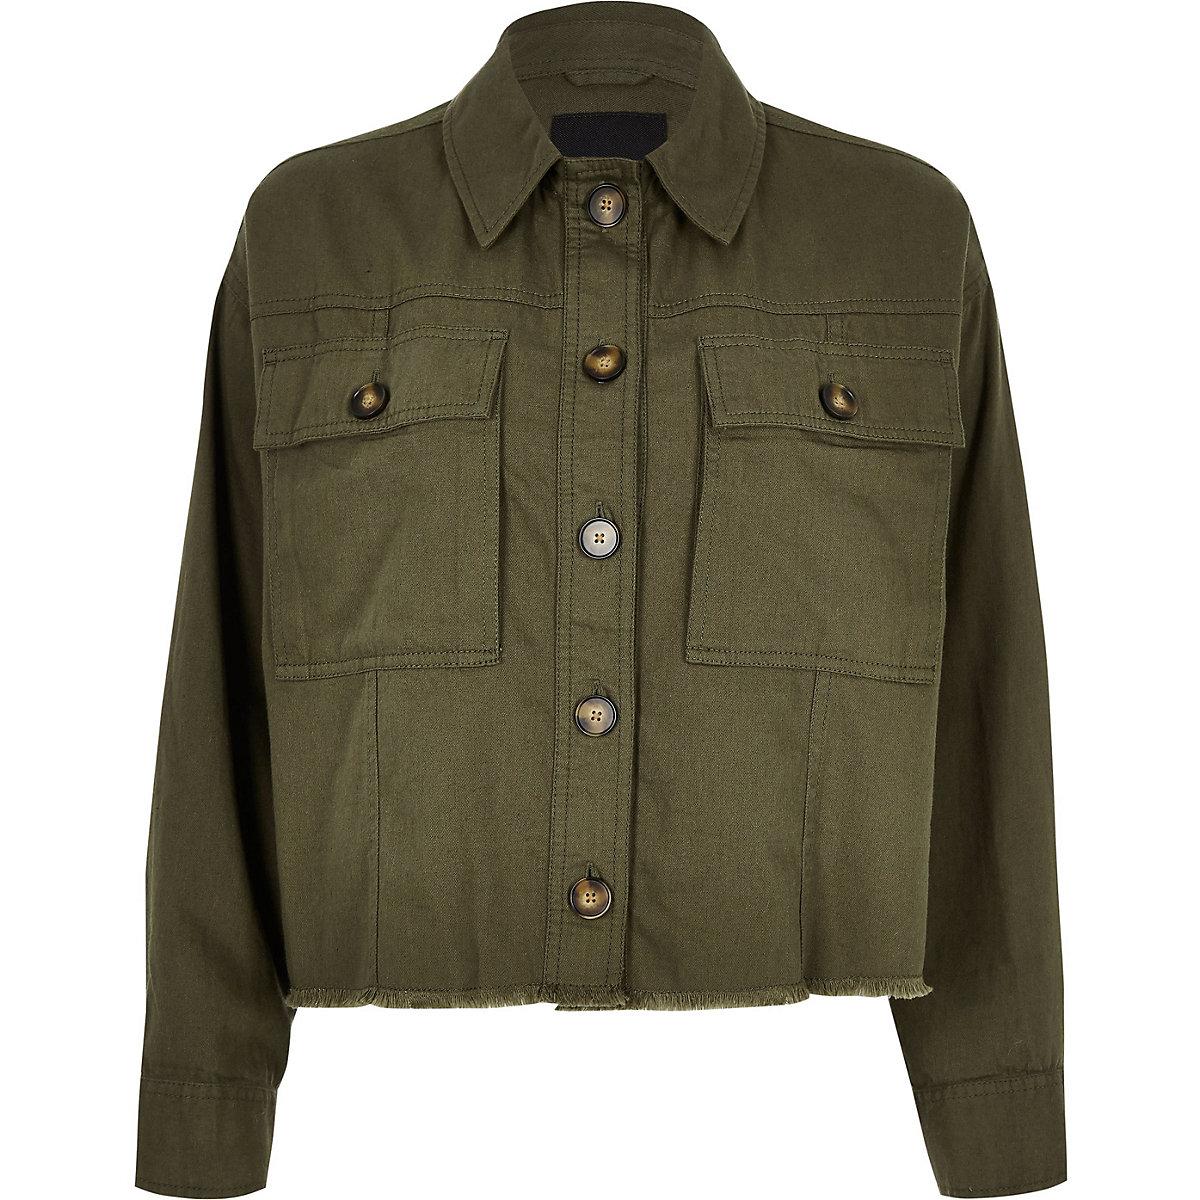 Khaki Cropped Army Shacket